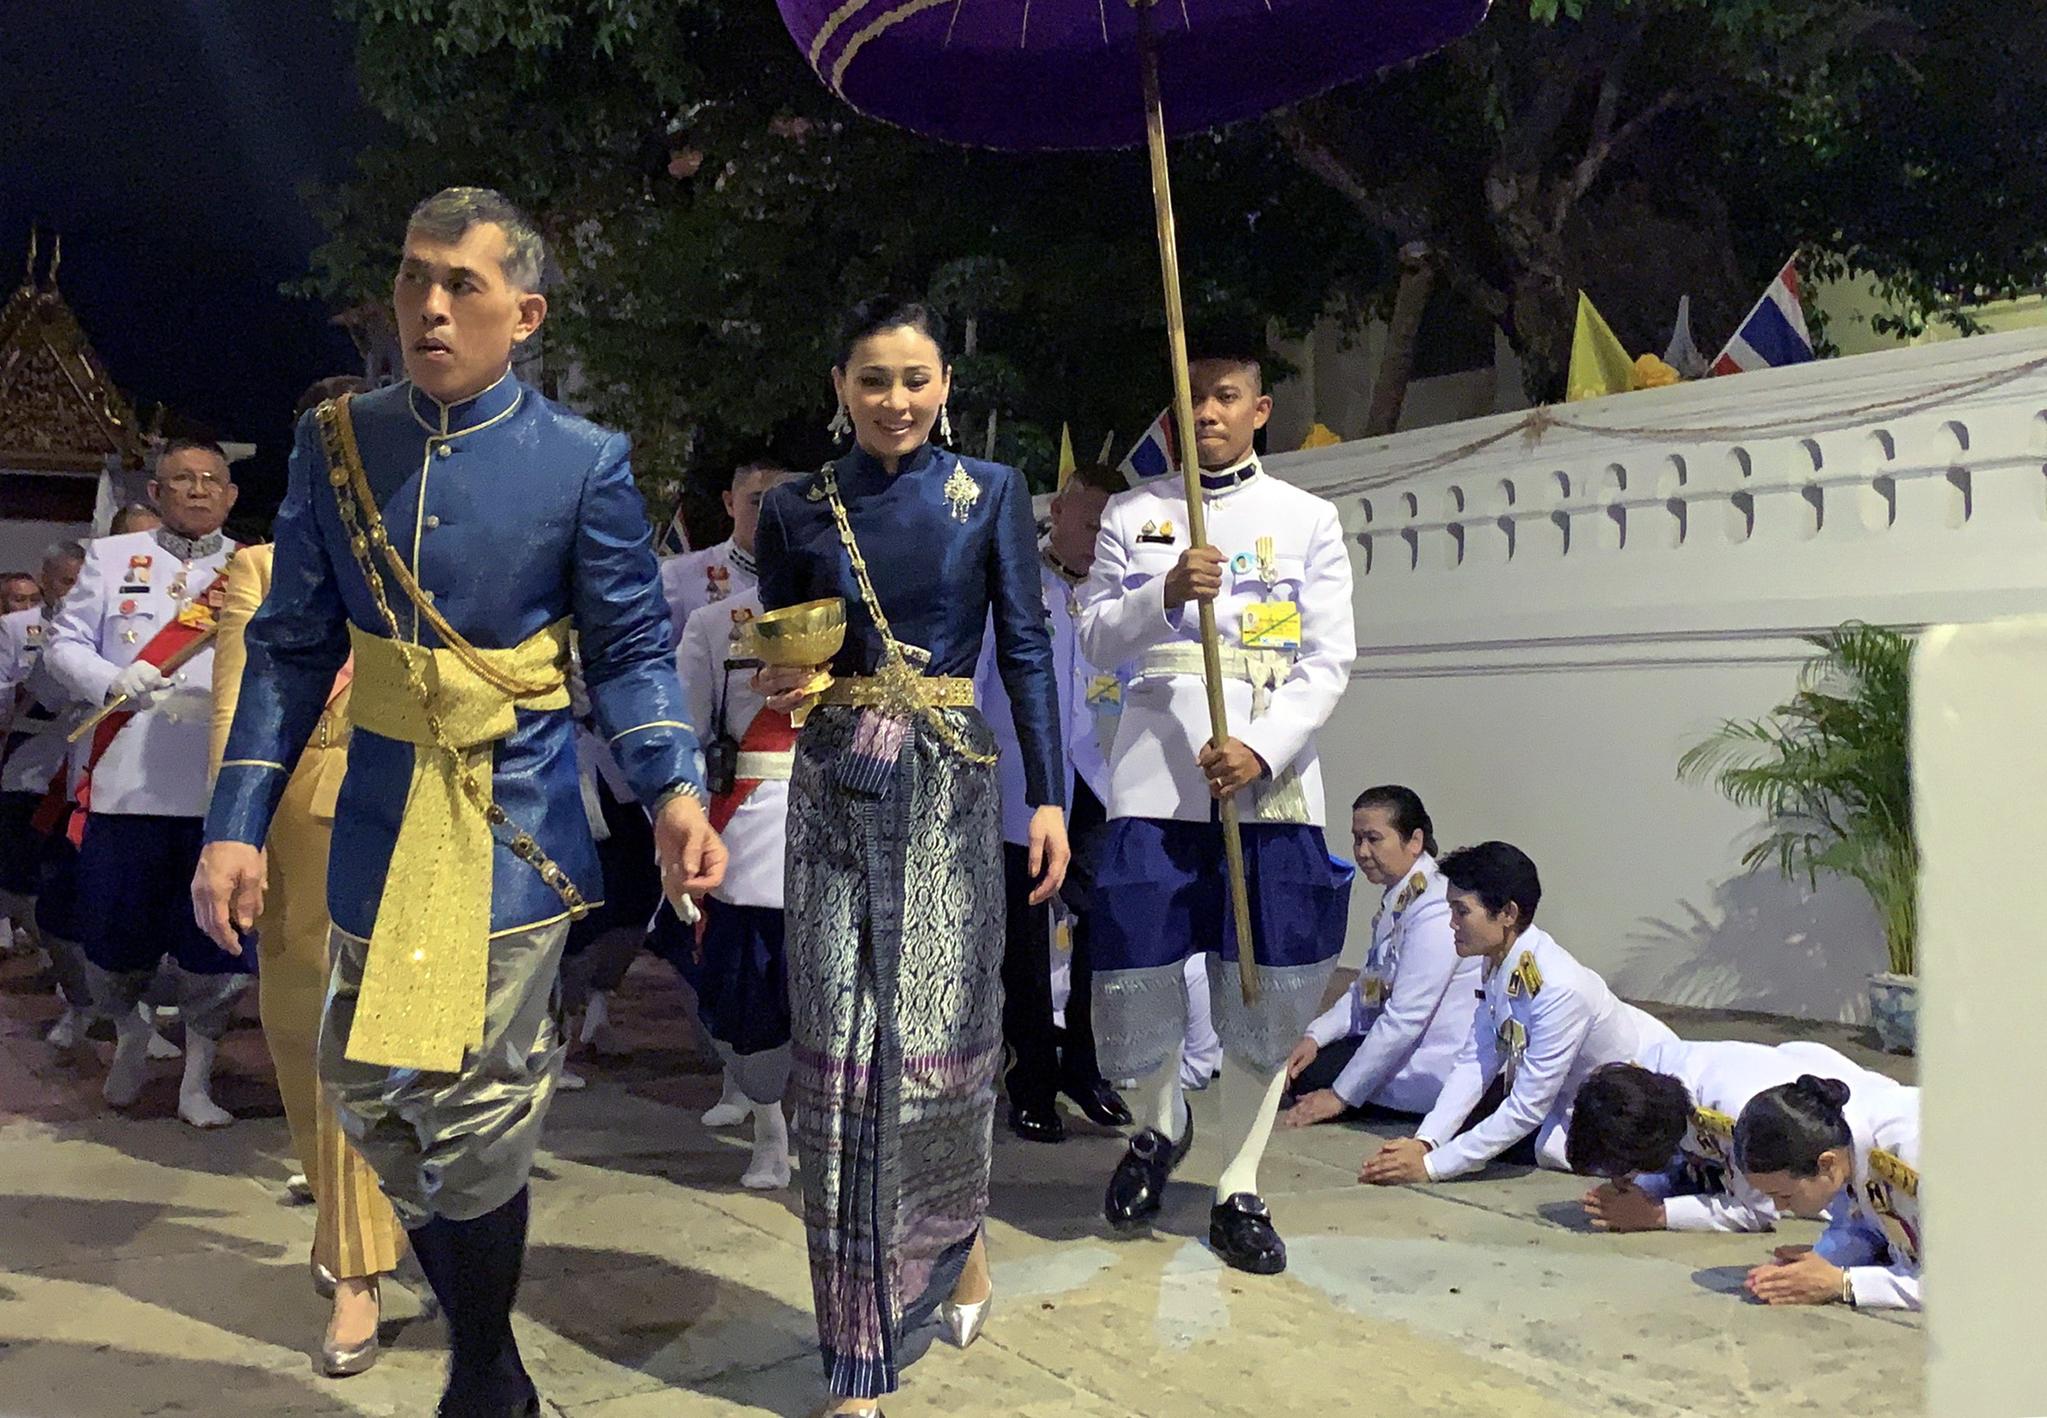 마하 와찌랄롱꼰(라마 10세) 태국 국왕과 수티다 왕비가 4일 대관식에 참석하기 위해 왕국을 이동하고 있다. [EPA=연합뉴스]